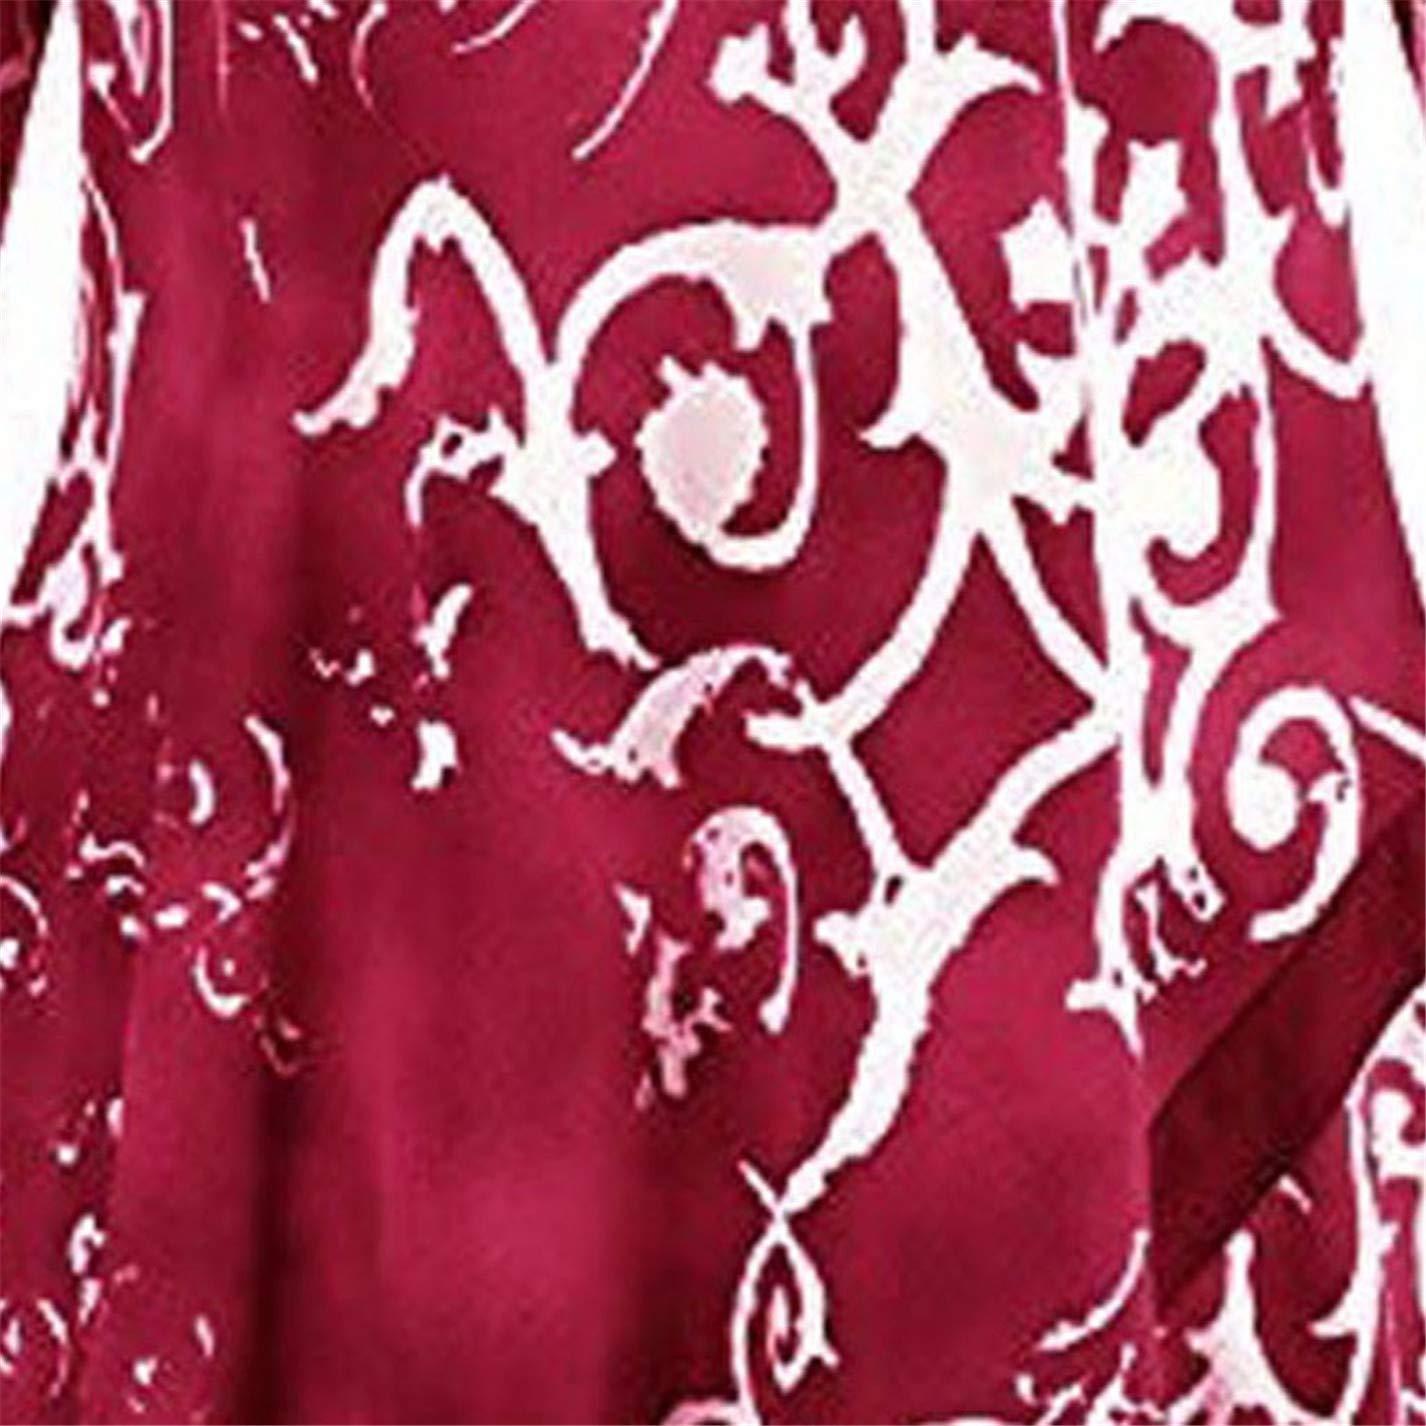 ZahuihuiM Femmes Pull /à Manches Longues Ourlet irr/égulier Ronde d/égrad/é de Couleurs avec Poche t-Shirt Automne Nouvelle Pull l/âche